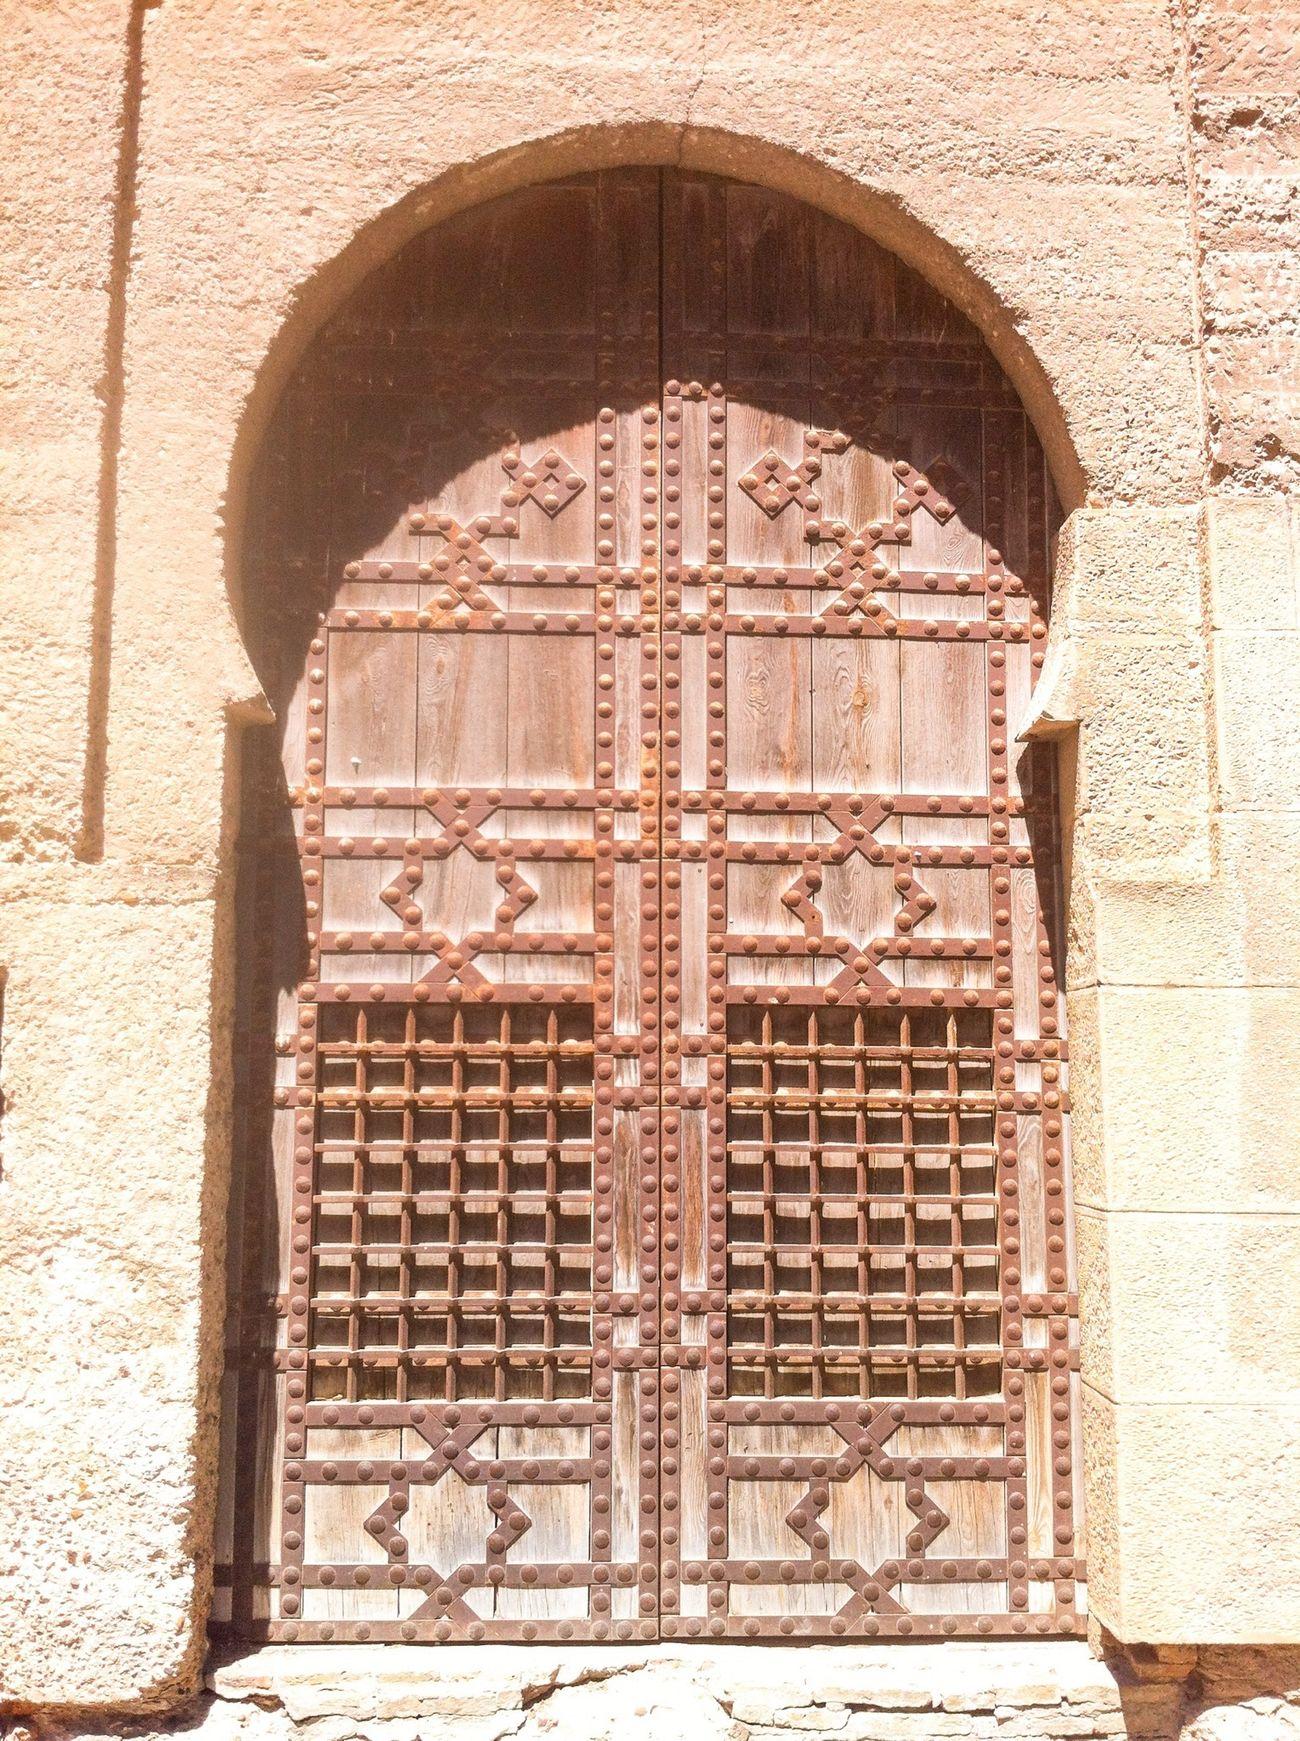 Puerta de Córdoba , Sevilla Estaes_hispania Estaes_sevilla  Sevillaesasi Estaes_andalucia